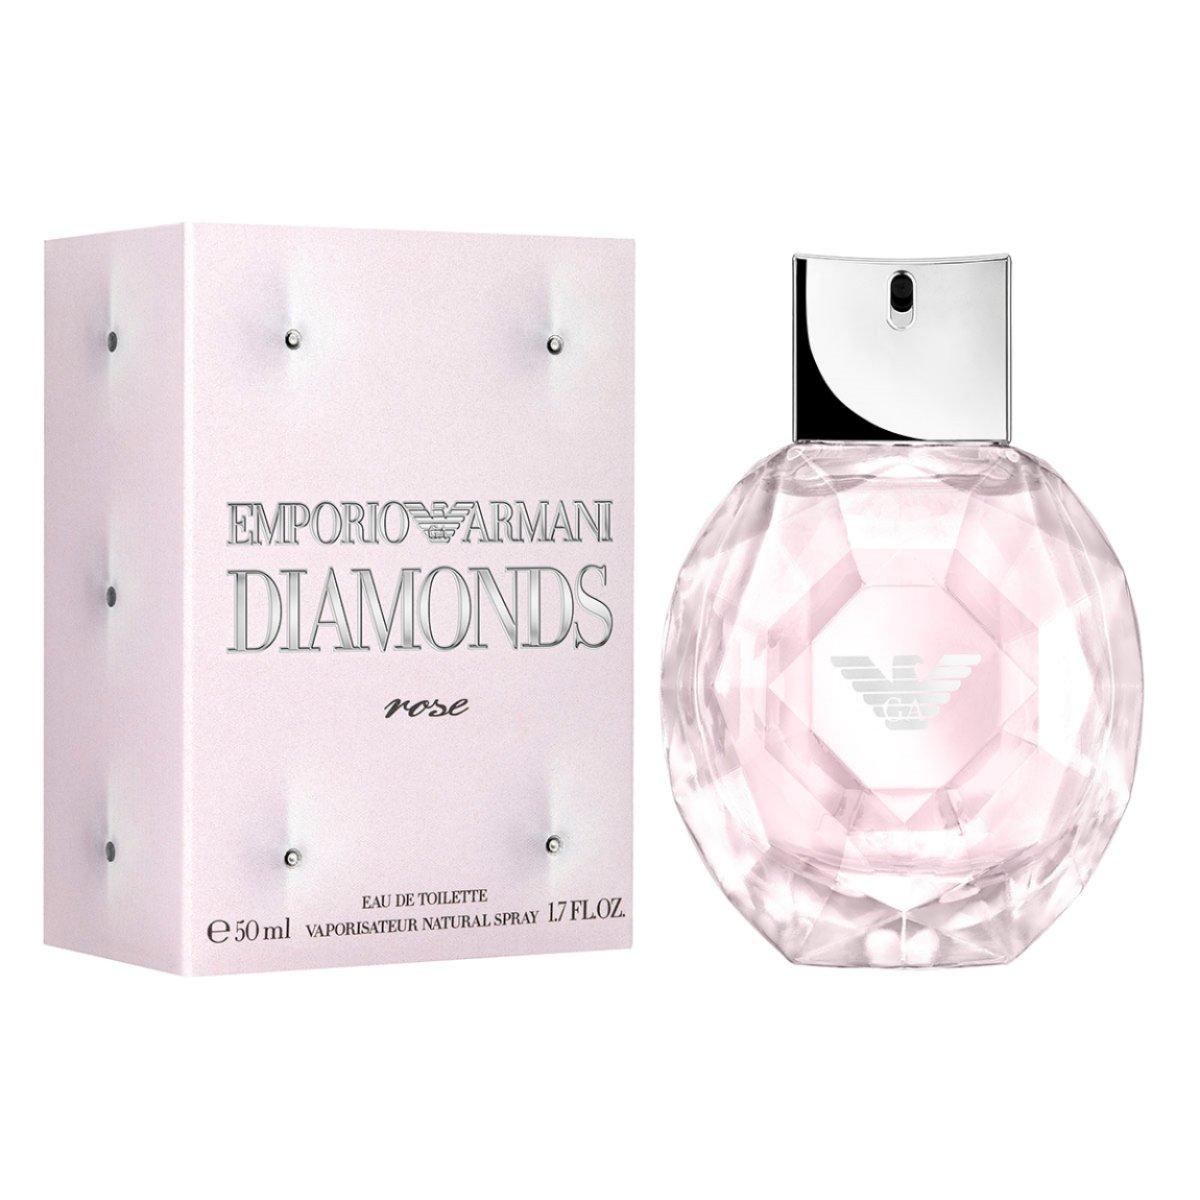 2b47e29cb9e7d Emporio Armani Diamonds Rose For Women 30ml EDT - faureal